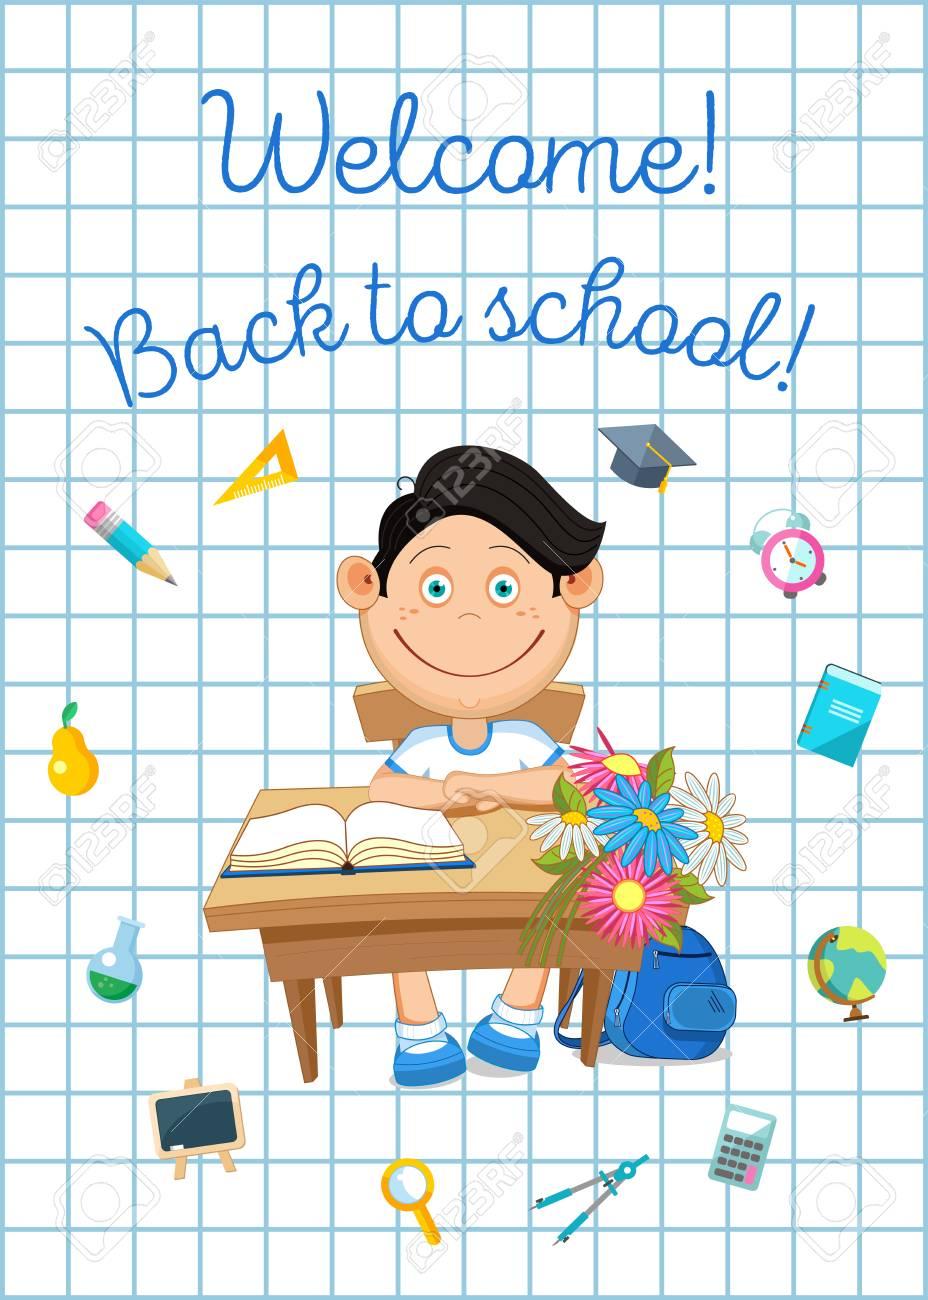 戻る学校イラスト。生徒や学校用品。 ロイヤリティフリークリップアート